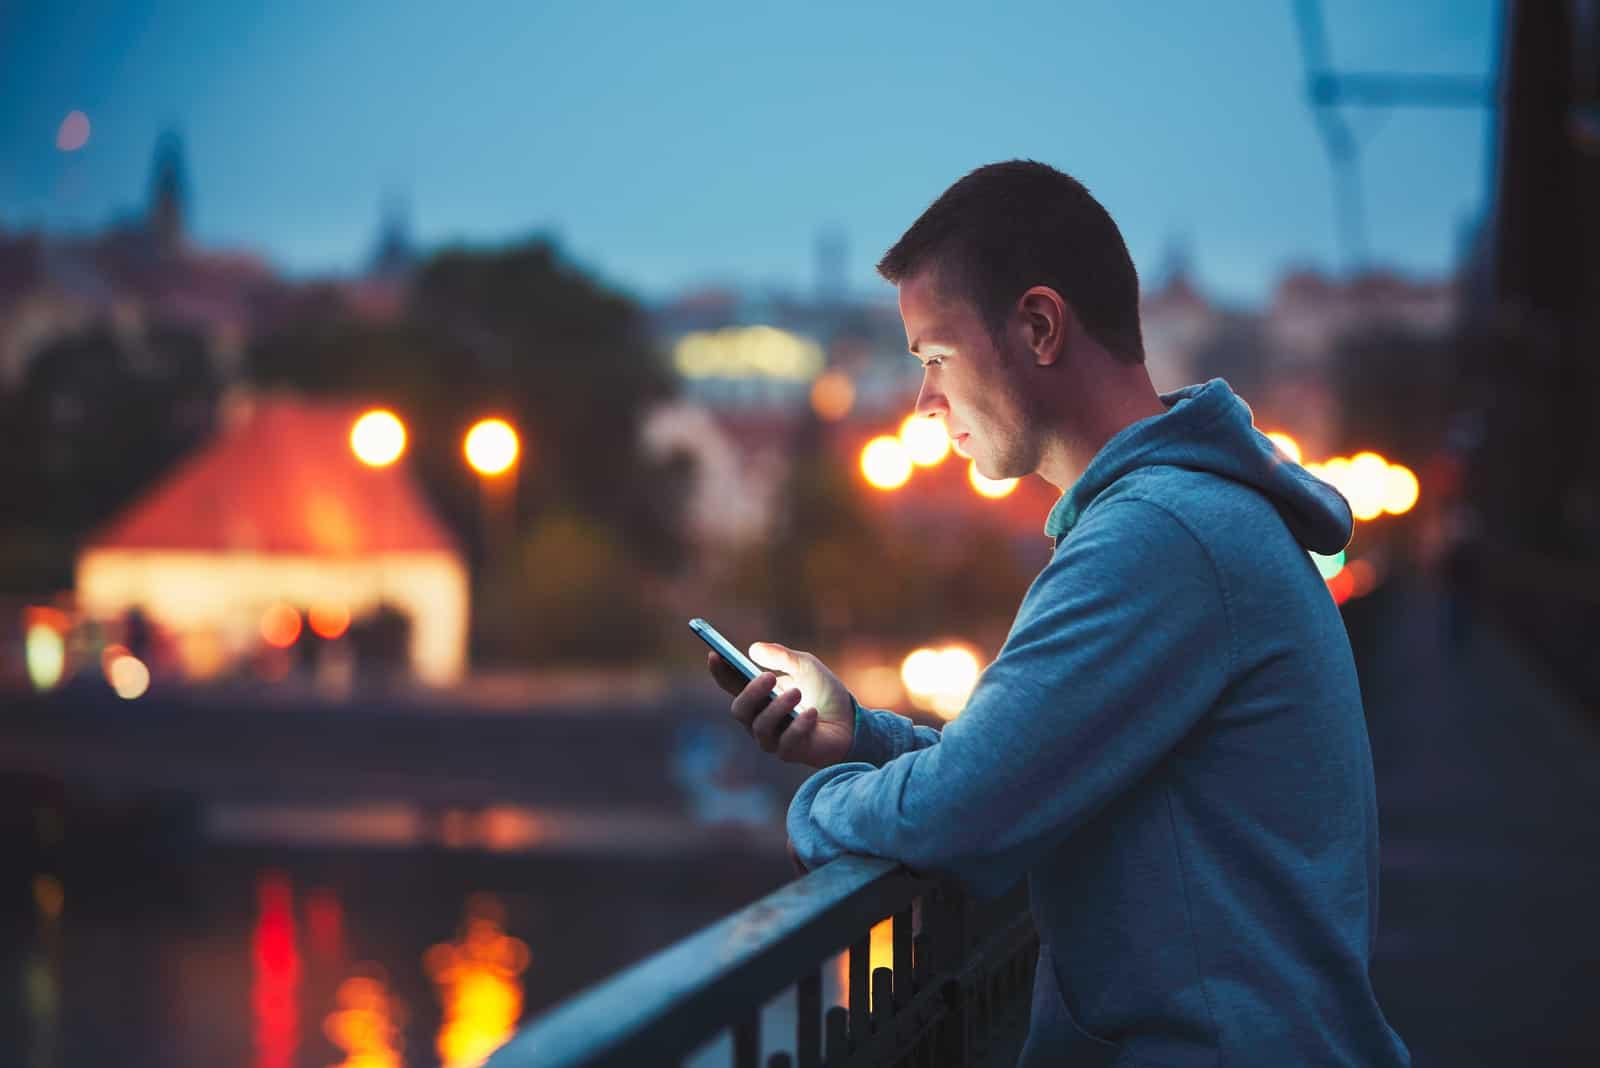 un homme imaginaire se tient près de la clôture et tient un téléphone à la main